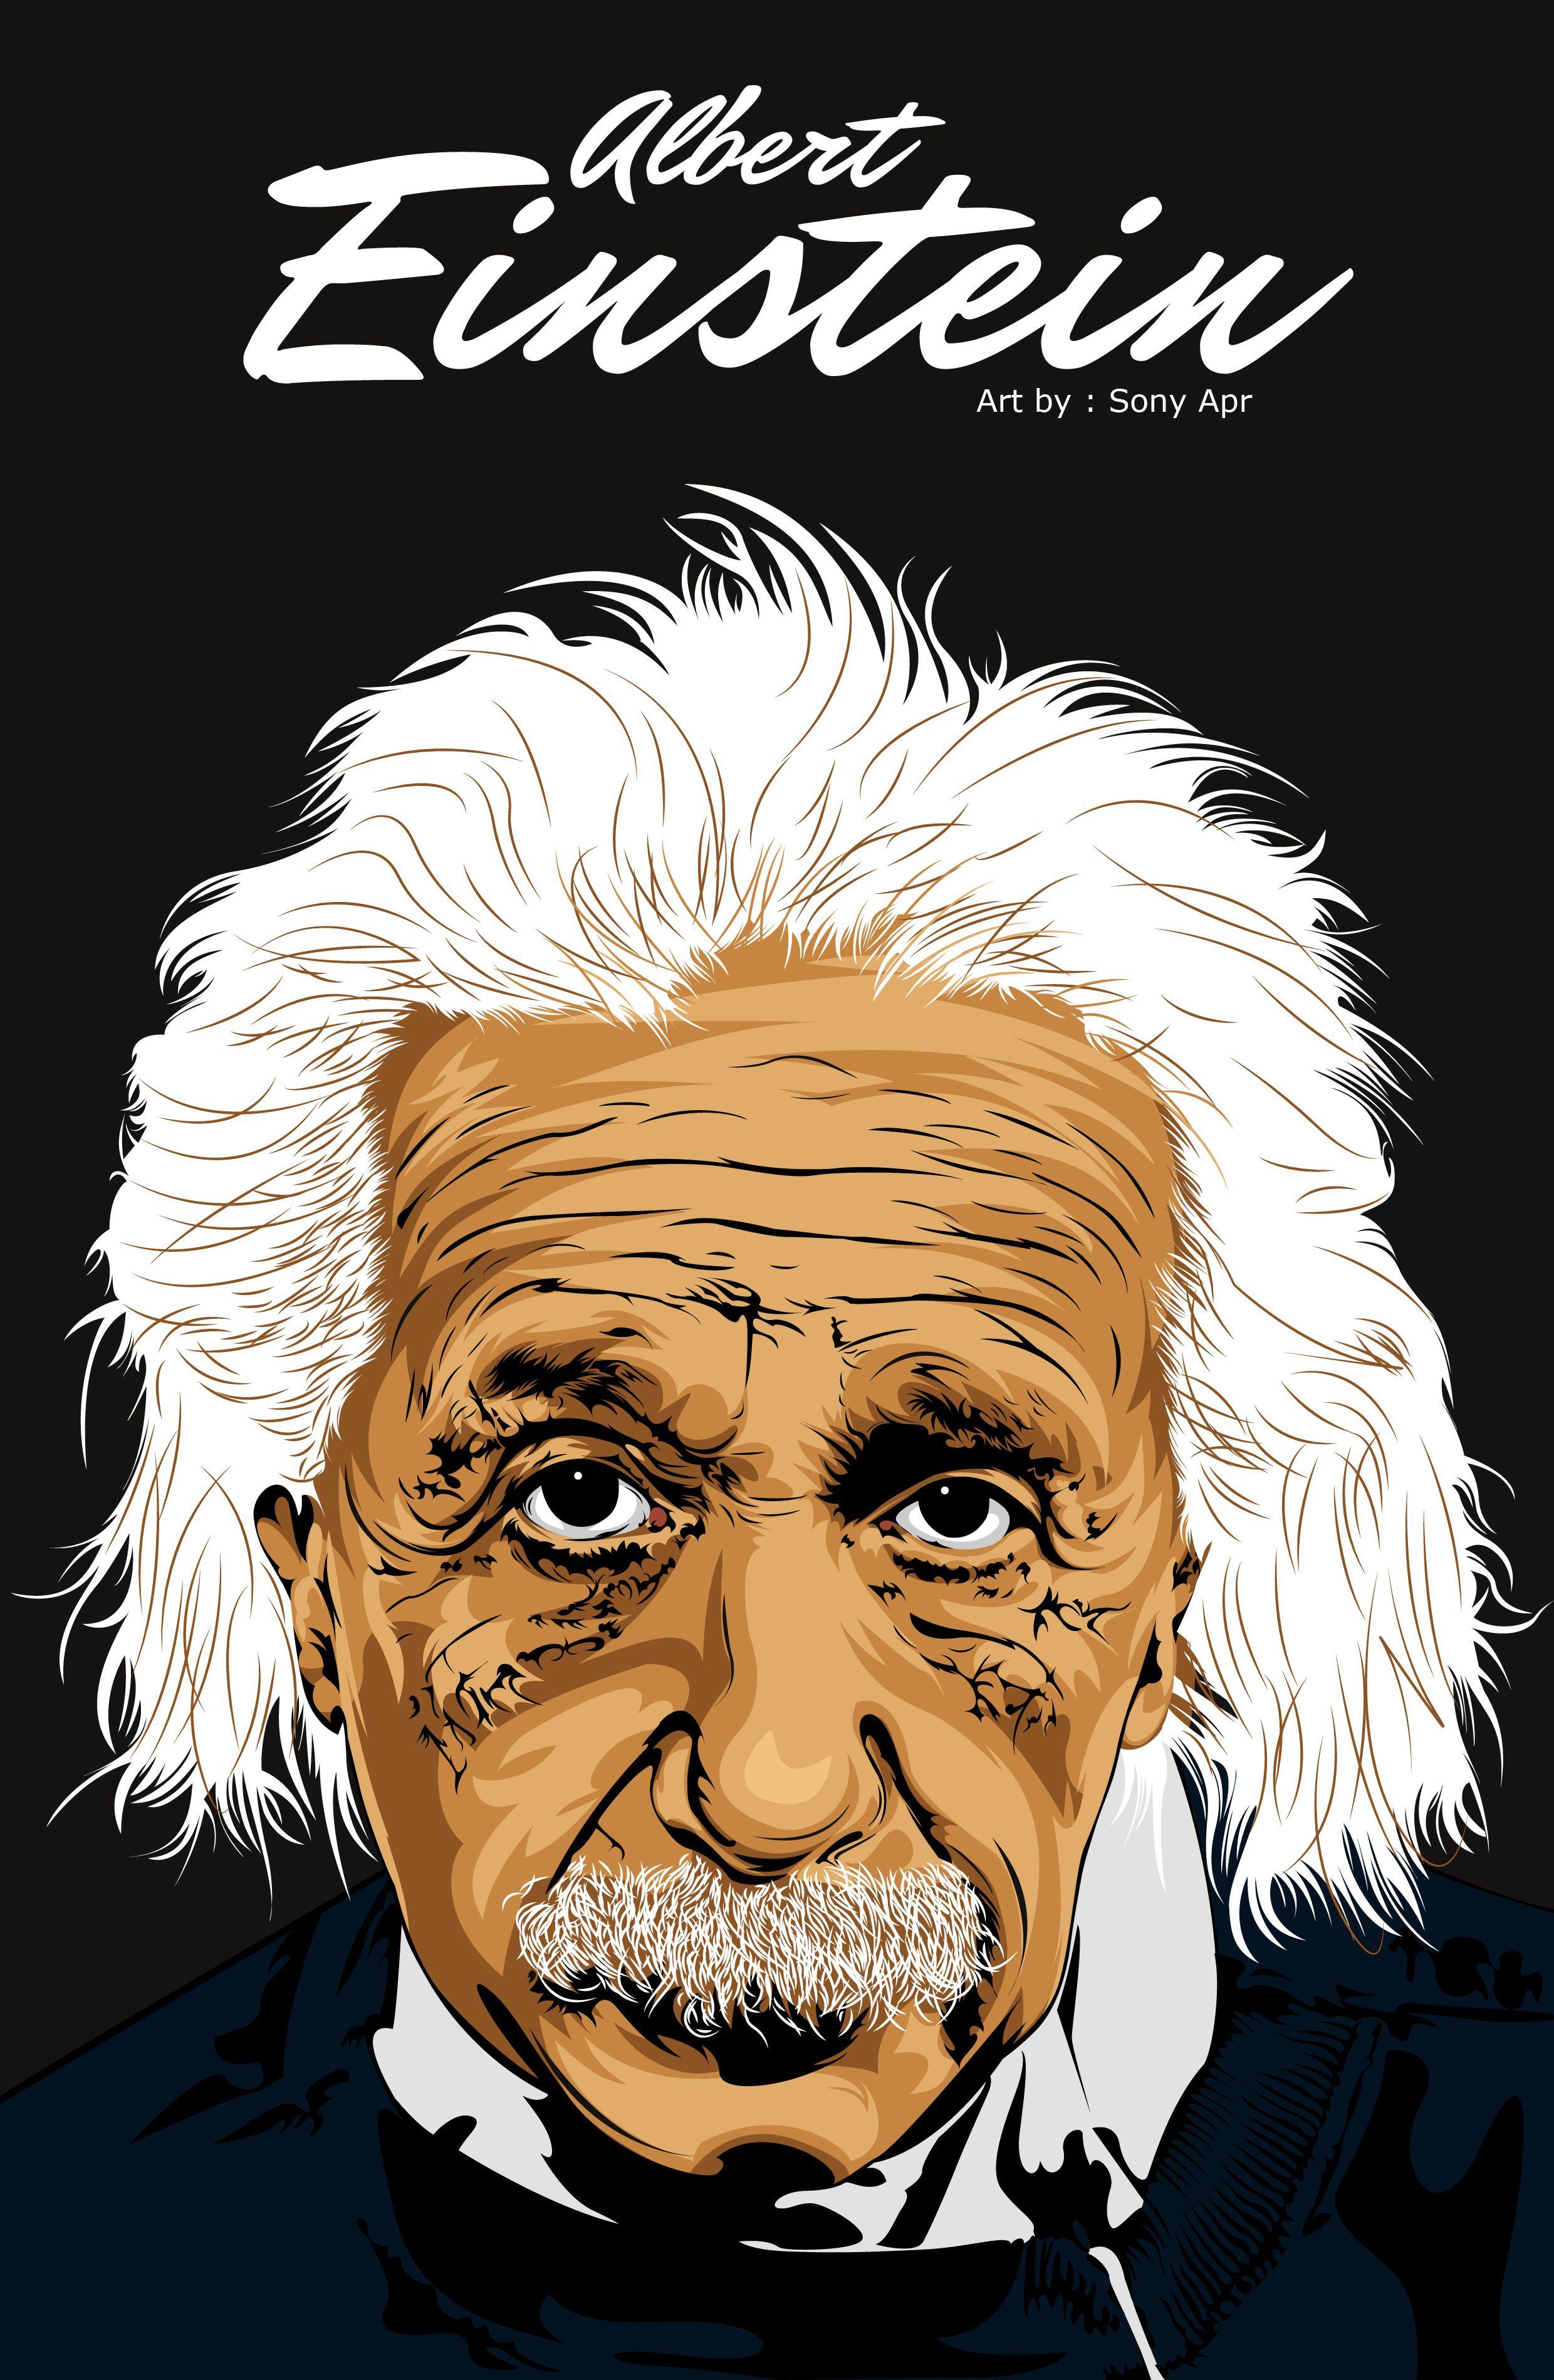 эйнштейн альберт постер законные партнёры